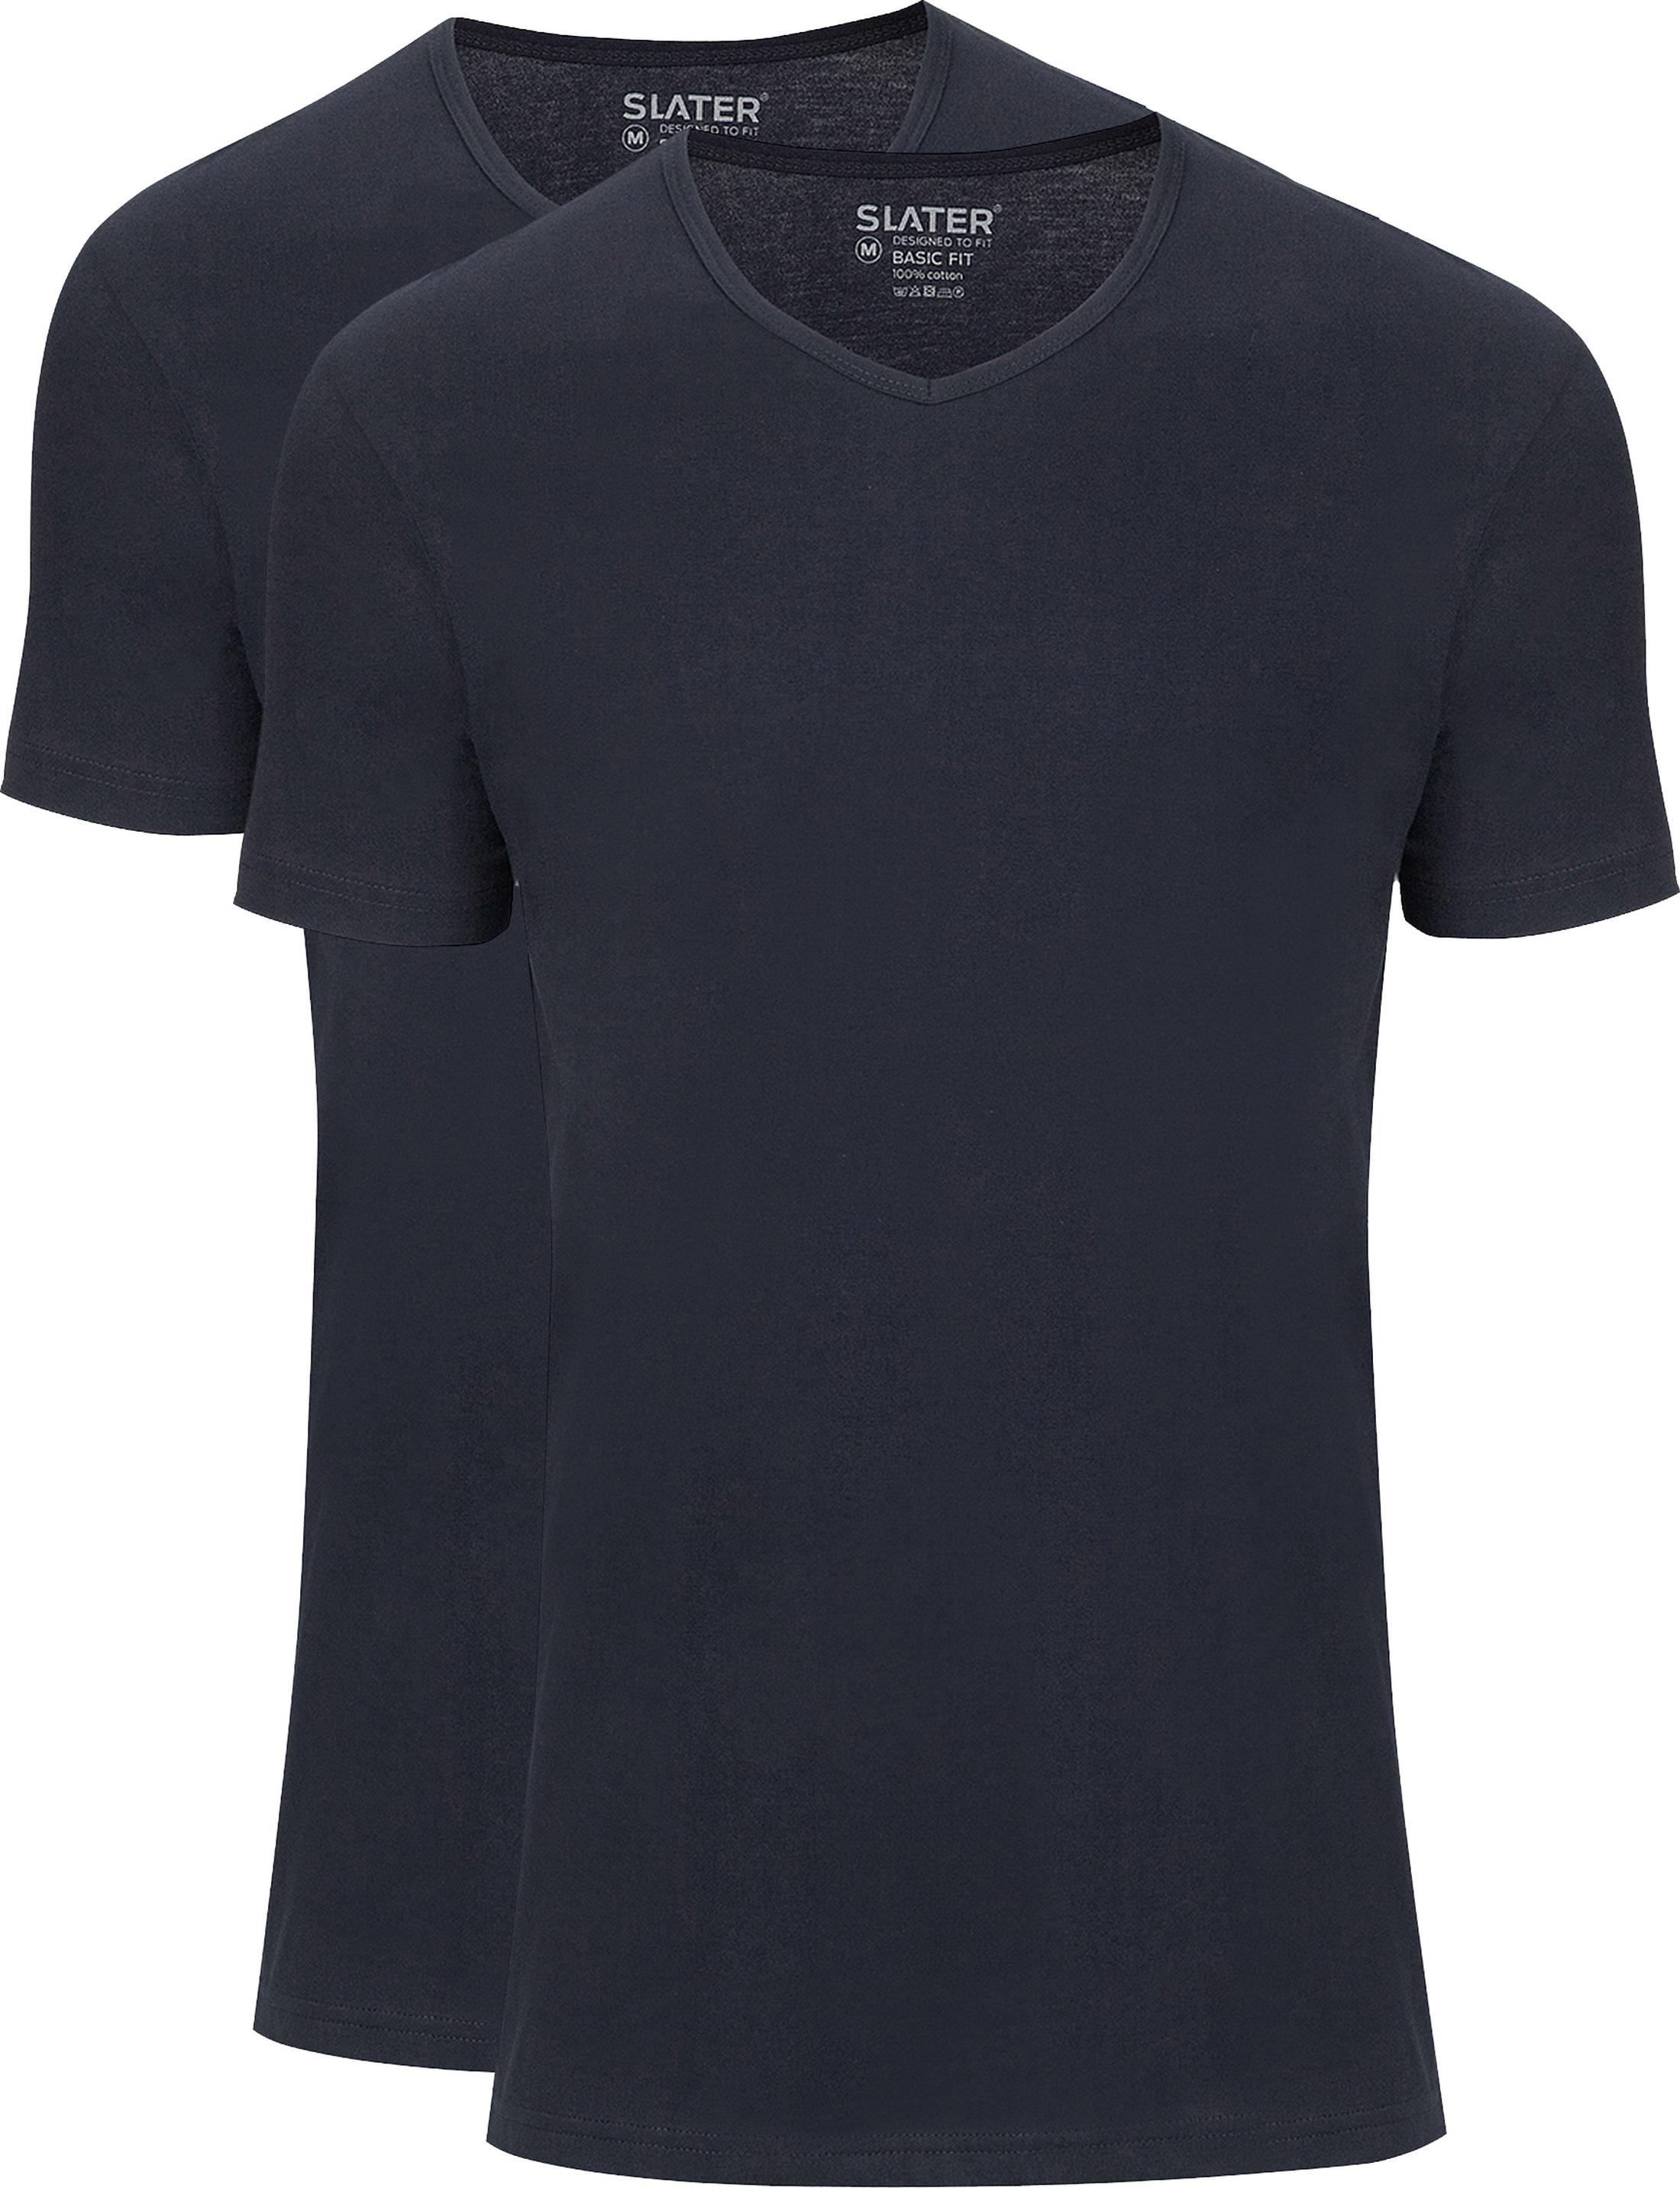 Slater 2er-pack Basic Fit T-shirt V-Ausschnitt Dunkelblau